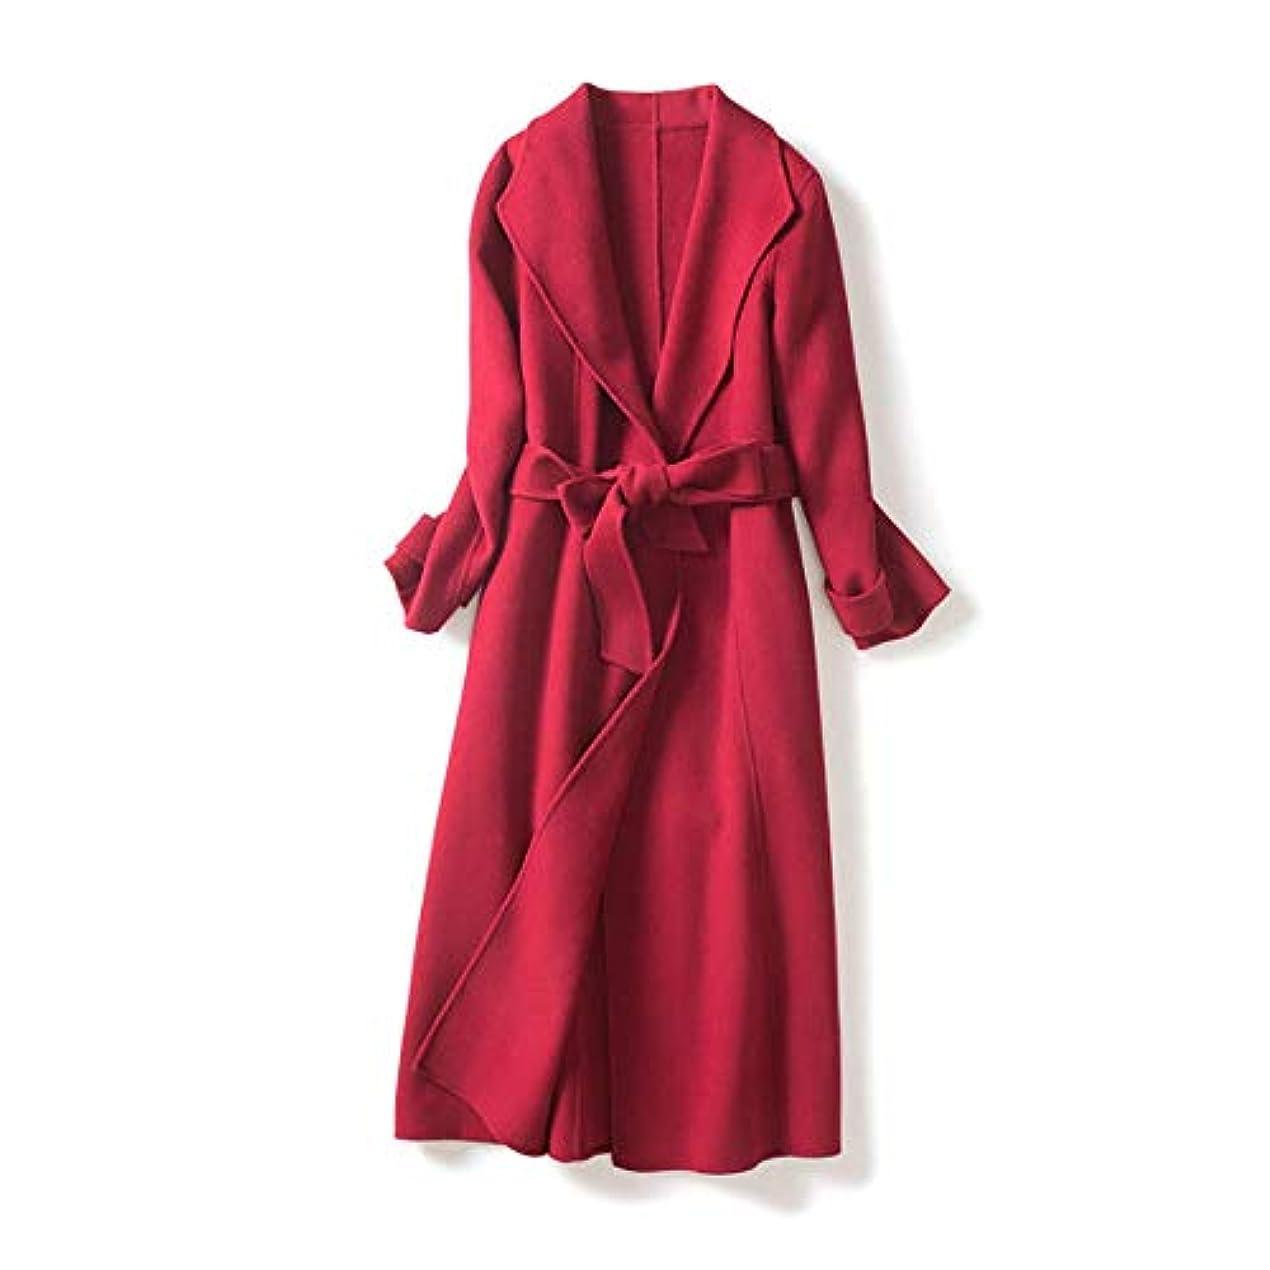 ヘルメットリーズハムNew Woolen Coat、Women's Double-Faced Coat Australian Wool 2019 Autumn And Winter New Woolen Coat Women's Coats...